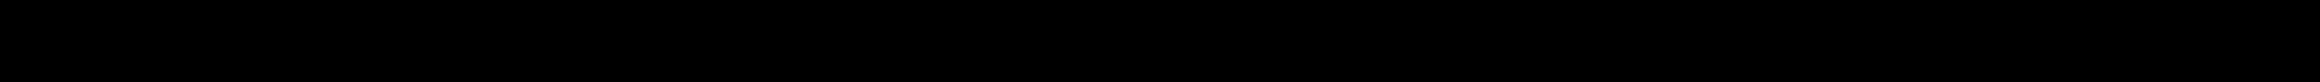 FEBI BILSTEIN 34 10 1 157 503, 34 11 1 157 503, 34 11 1 158 040, 34 11 1 159 897, 34 11 1 160 936 Bremsscheibe